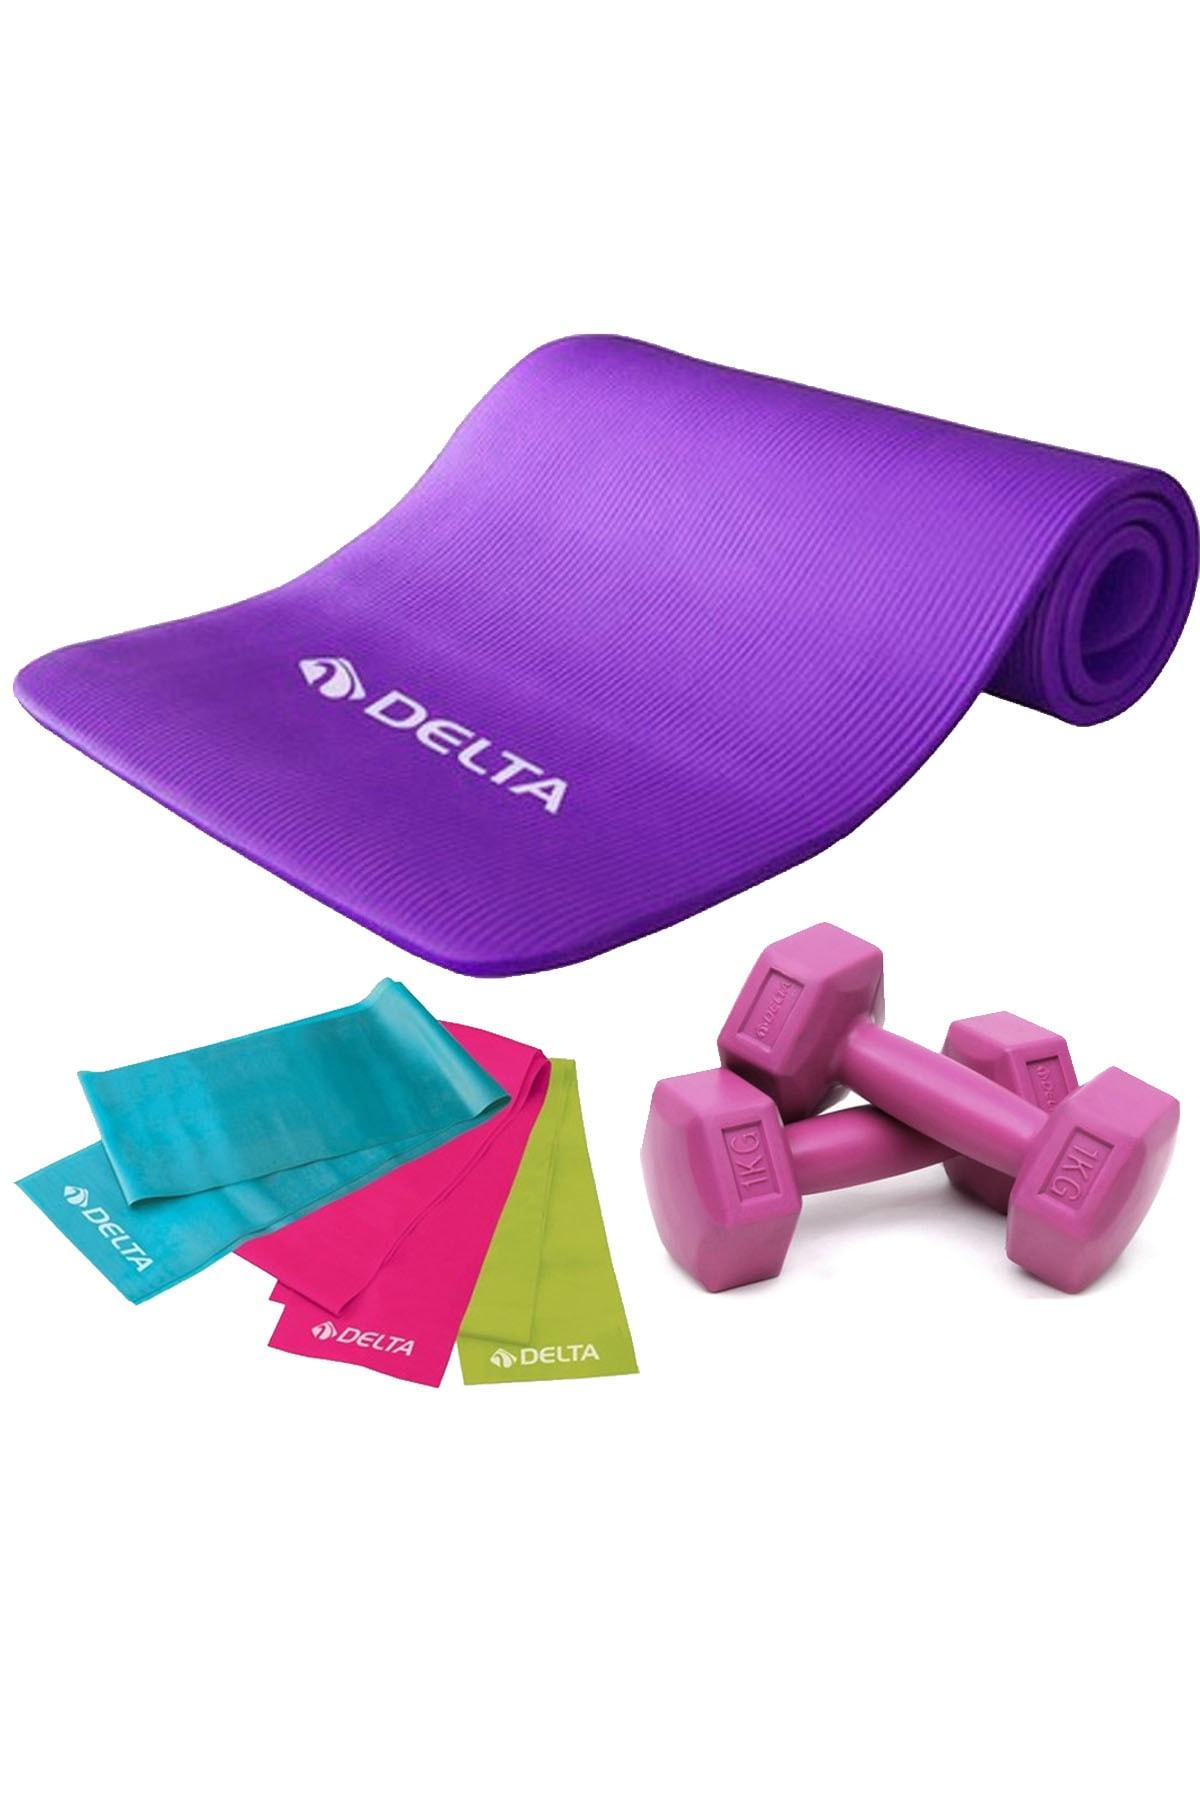 Delta 1 Cm Pilates Minderi, 3 Lü Pilates Bandı Plates Lastiği, 1 Kg x 2 Adet Dambıl